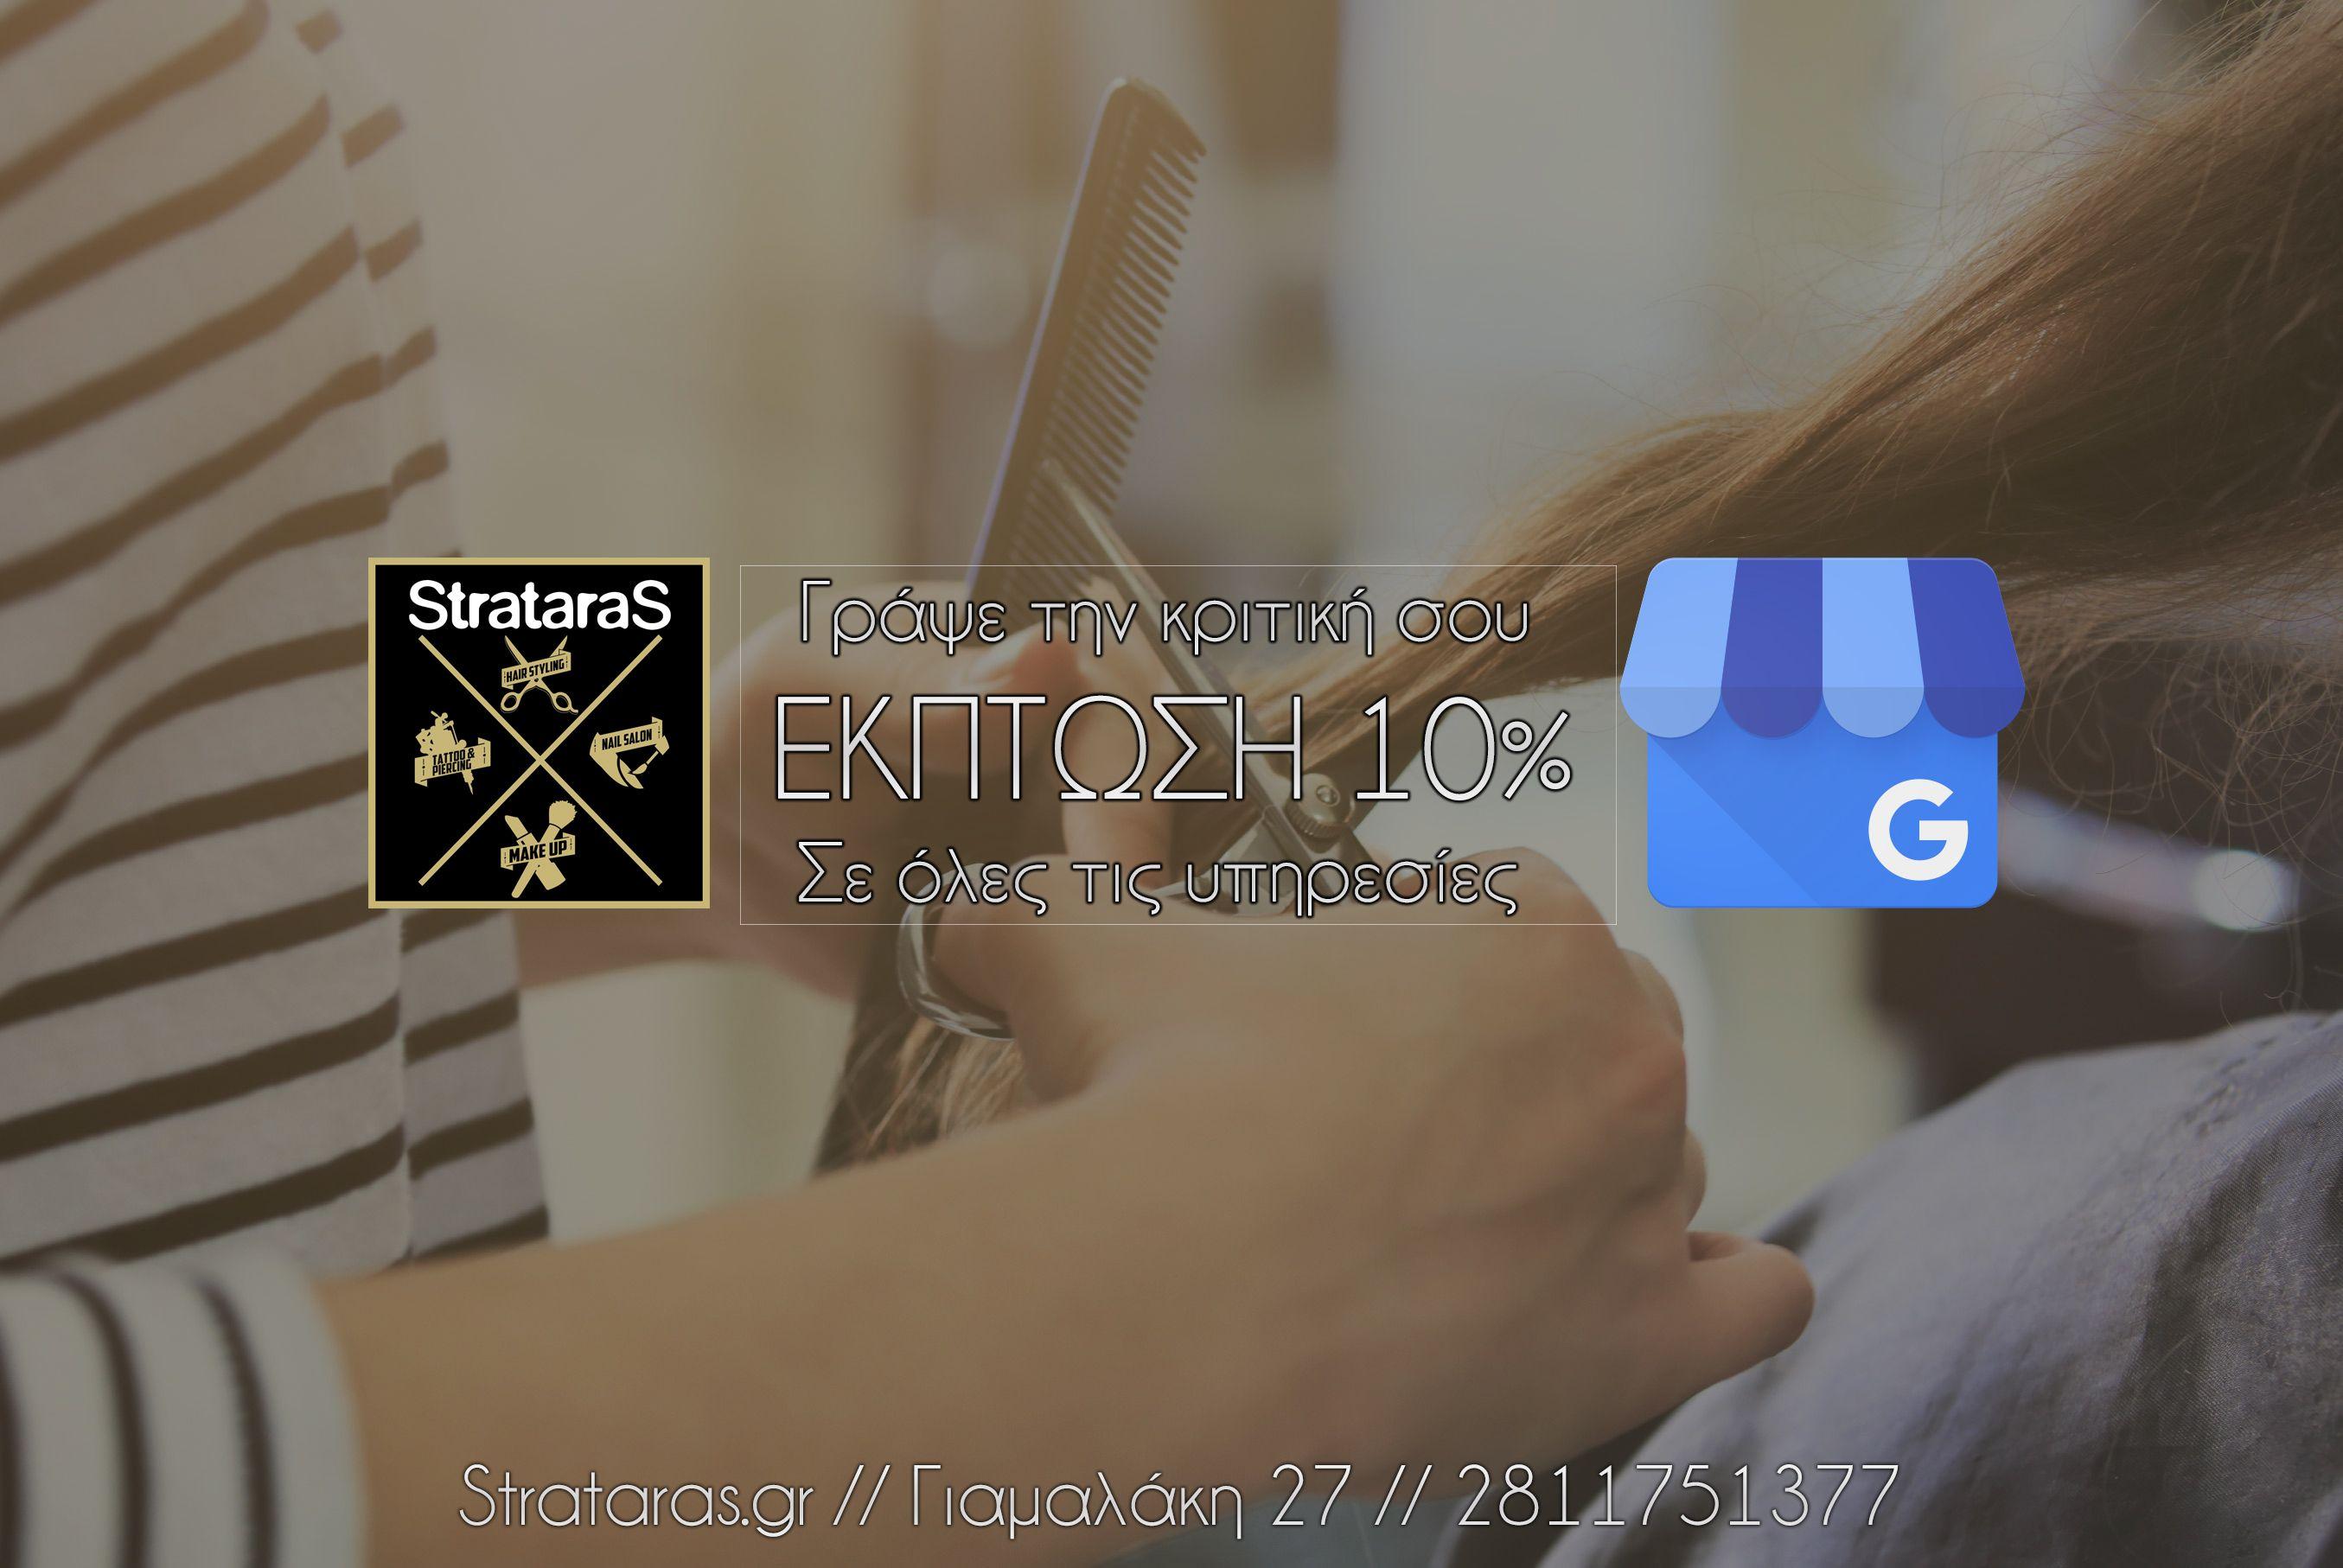 ab482cc24d1 Γράψε εύκολα και γρήγορα την κριτική σου για το Strataras στην υπηρεσία  Google Business και κέρδισε